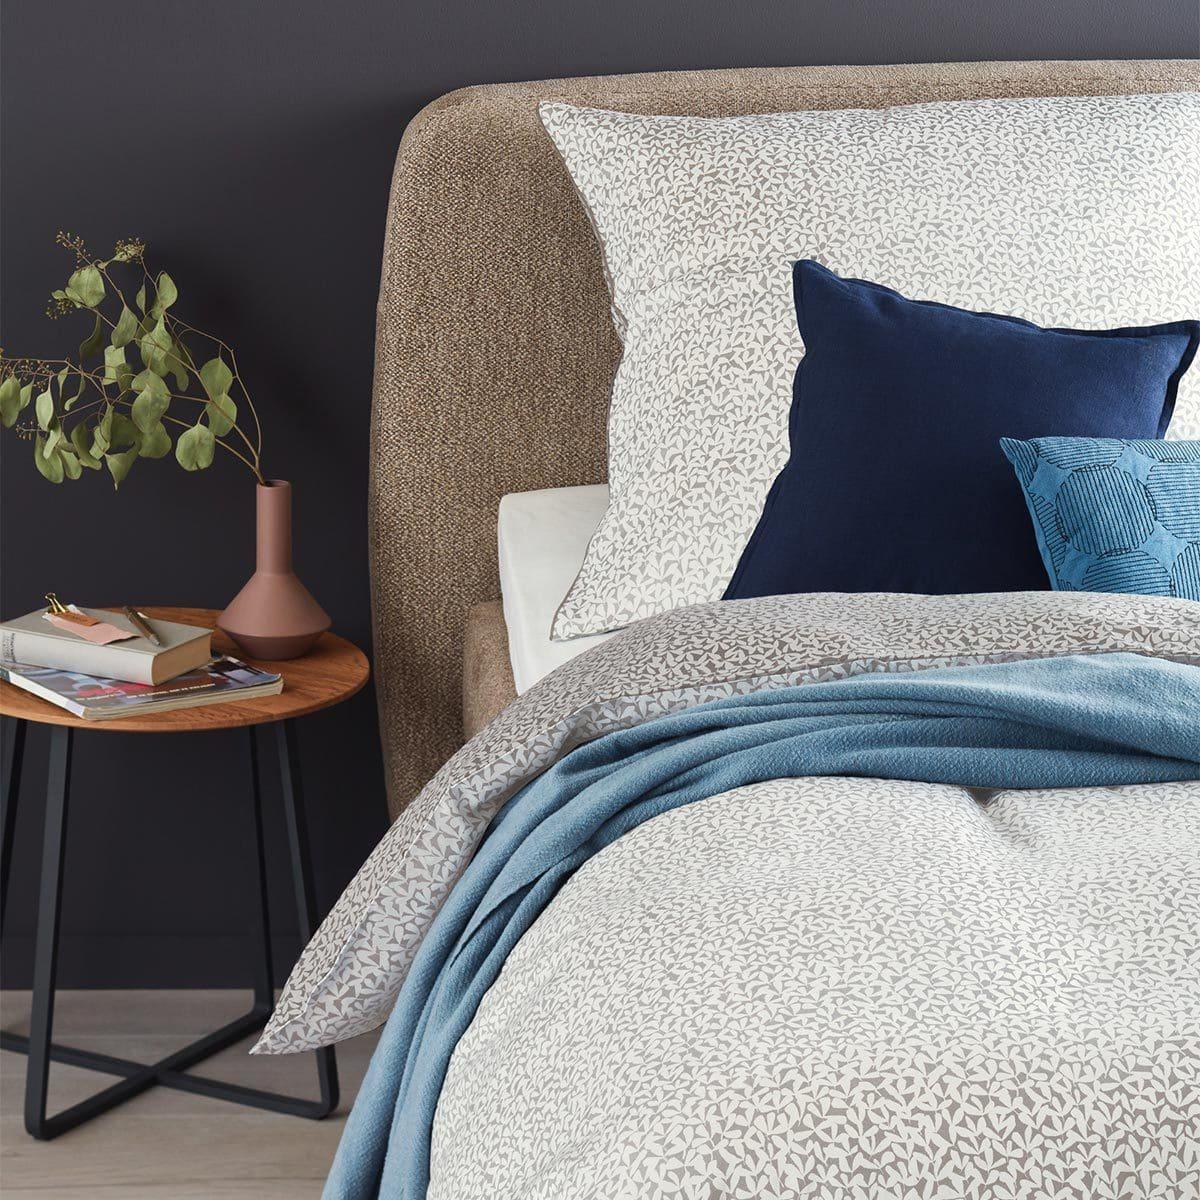 sch ner wohnen mako satin bettw sche minimo hellgrau grau malermeister wunder. Black Bedroom Furniture Sets. Home Design Ideas